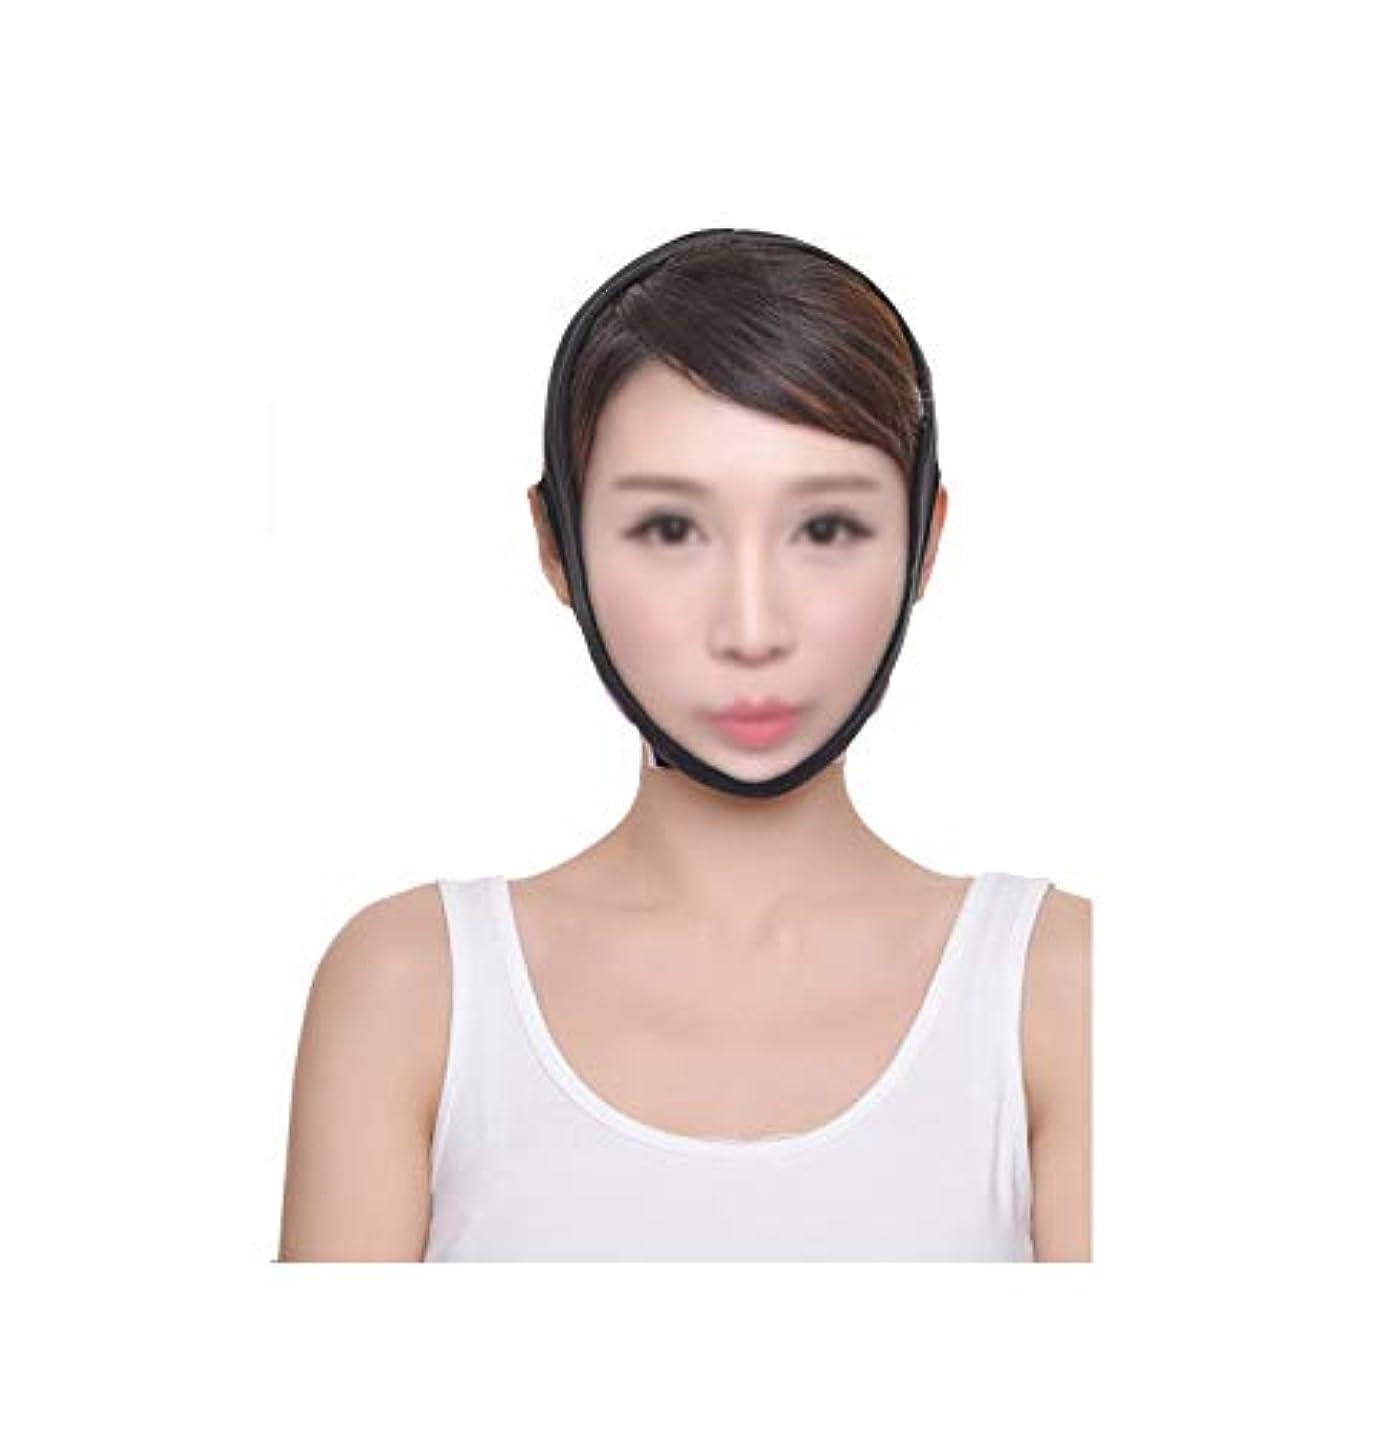 XHLMRMJ 引き締めフェイスマスク、フェイスリフティングアーティファクト脂肪吸引術脂肪吸引術後整形二重あご美容マスク黒フード (Size : M)